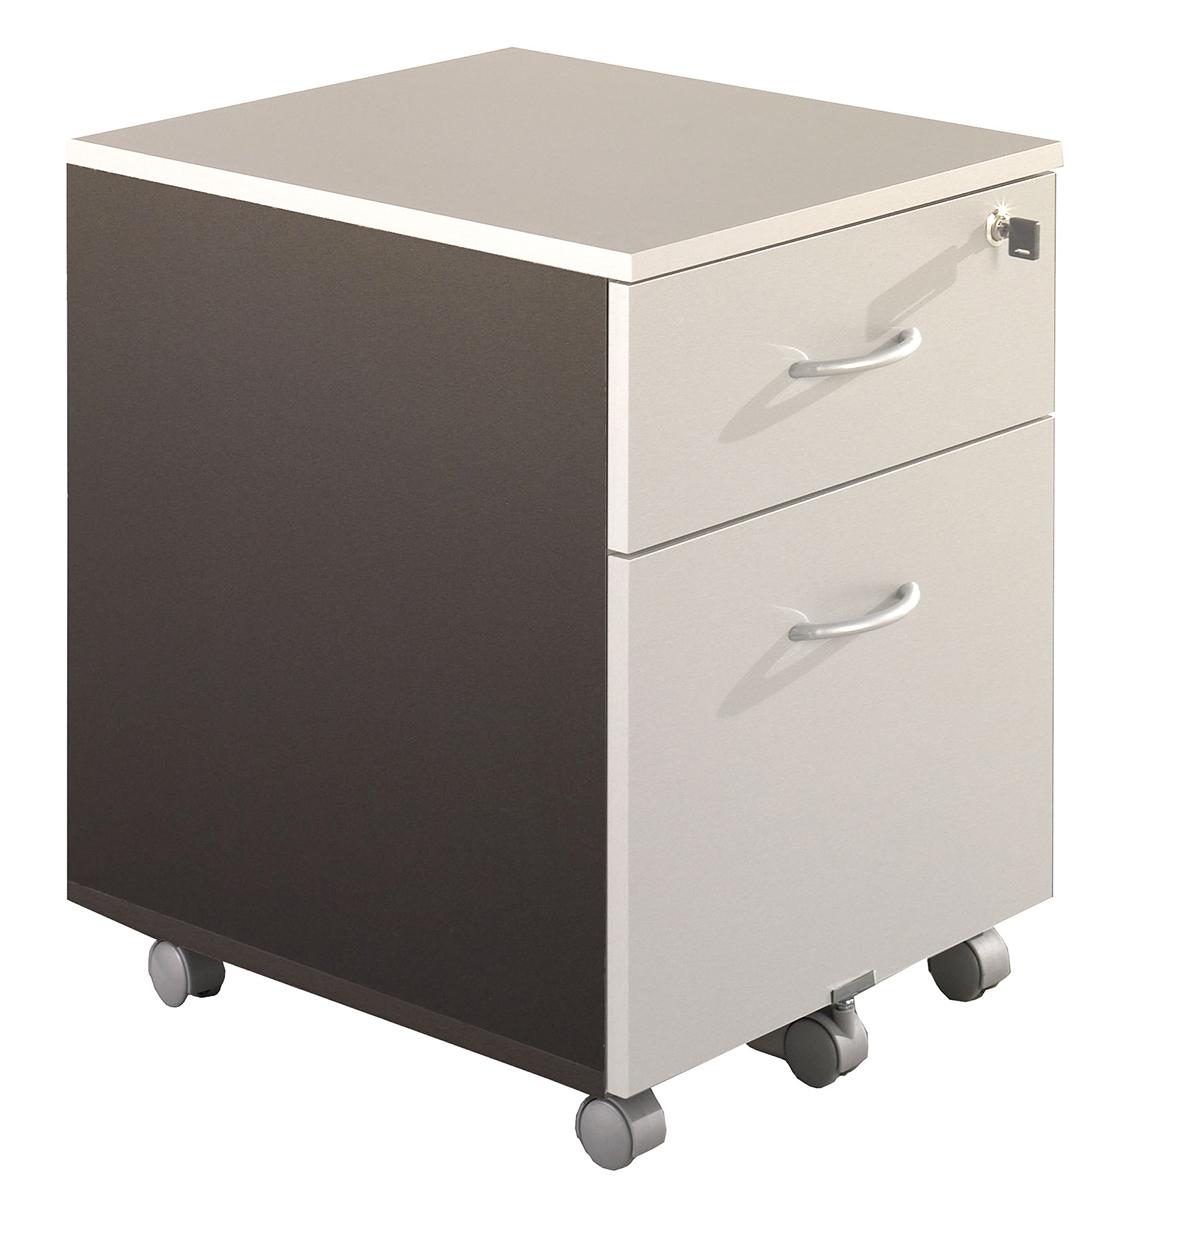 Caisson mobile WINCH 2 tiroirs dont 1 pour dossiers suspendus - Anthracite